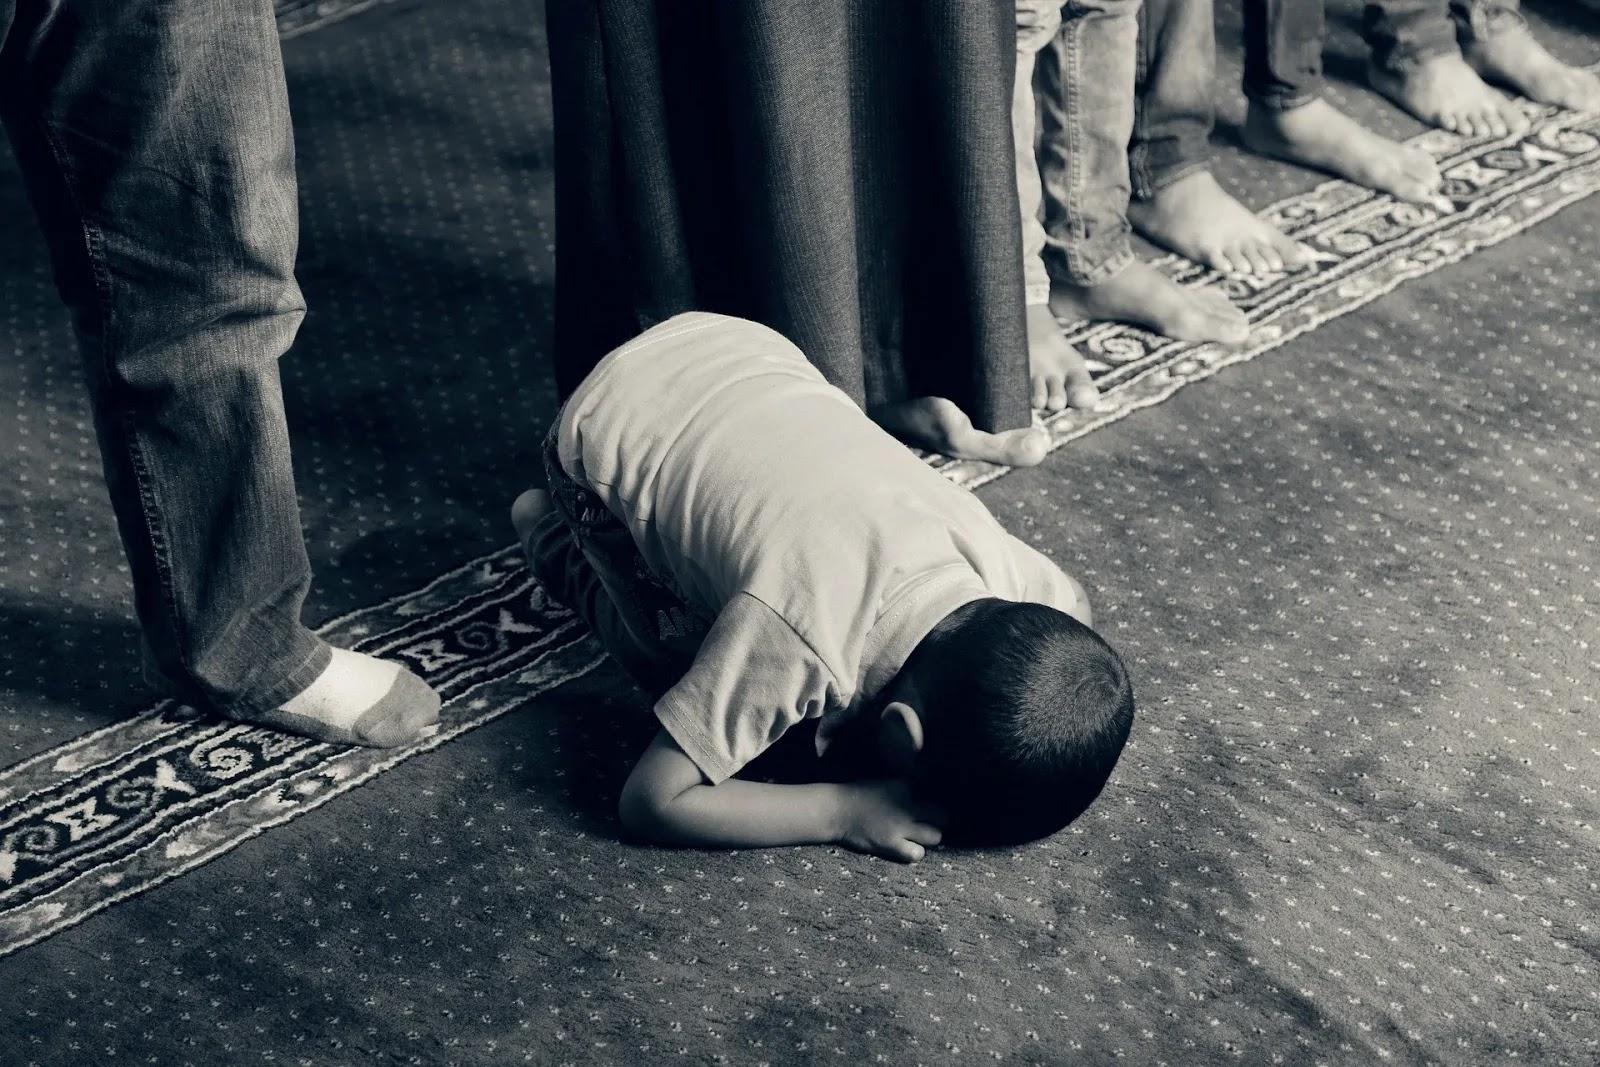 مجموعة متنوعة من الخلفيات الاسلامية